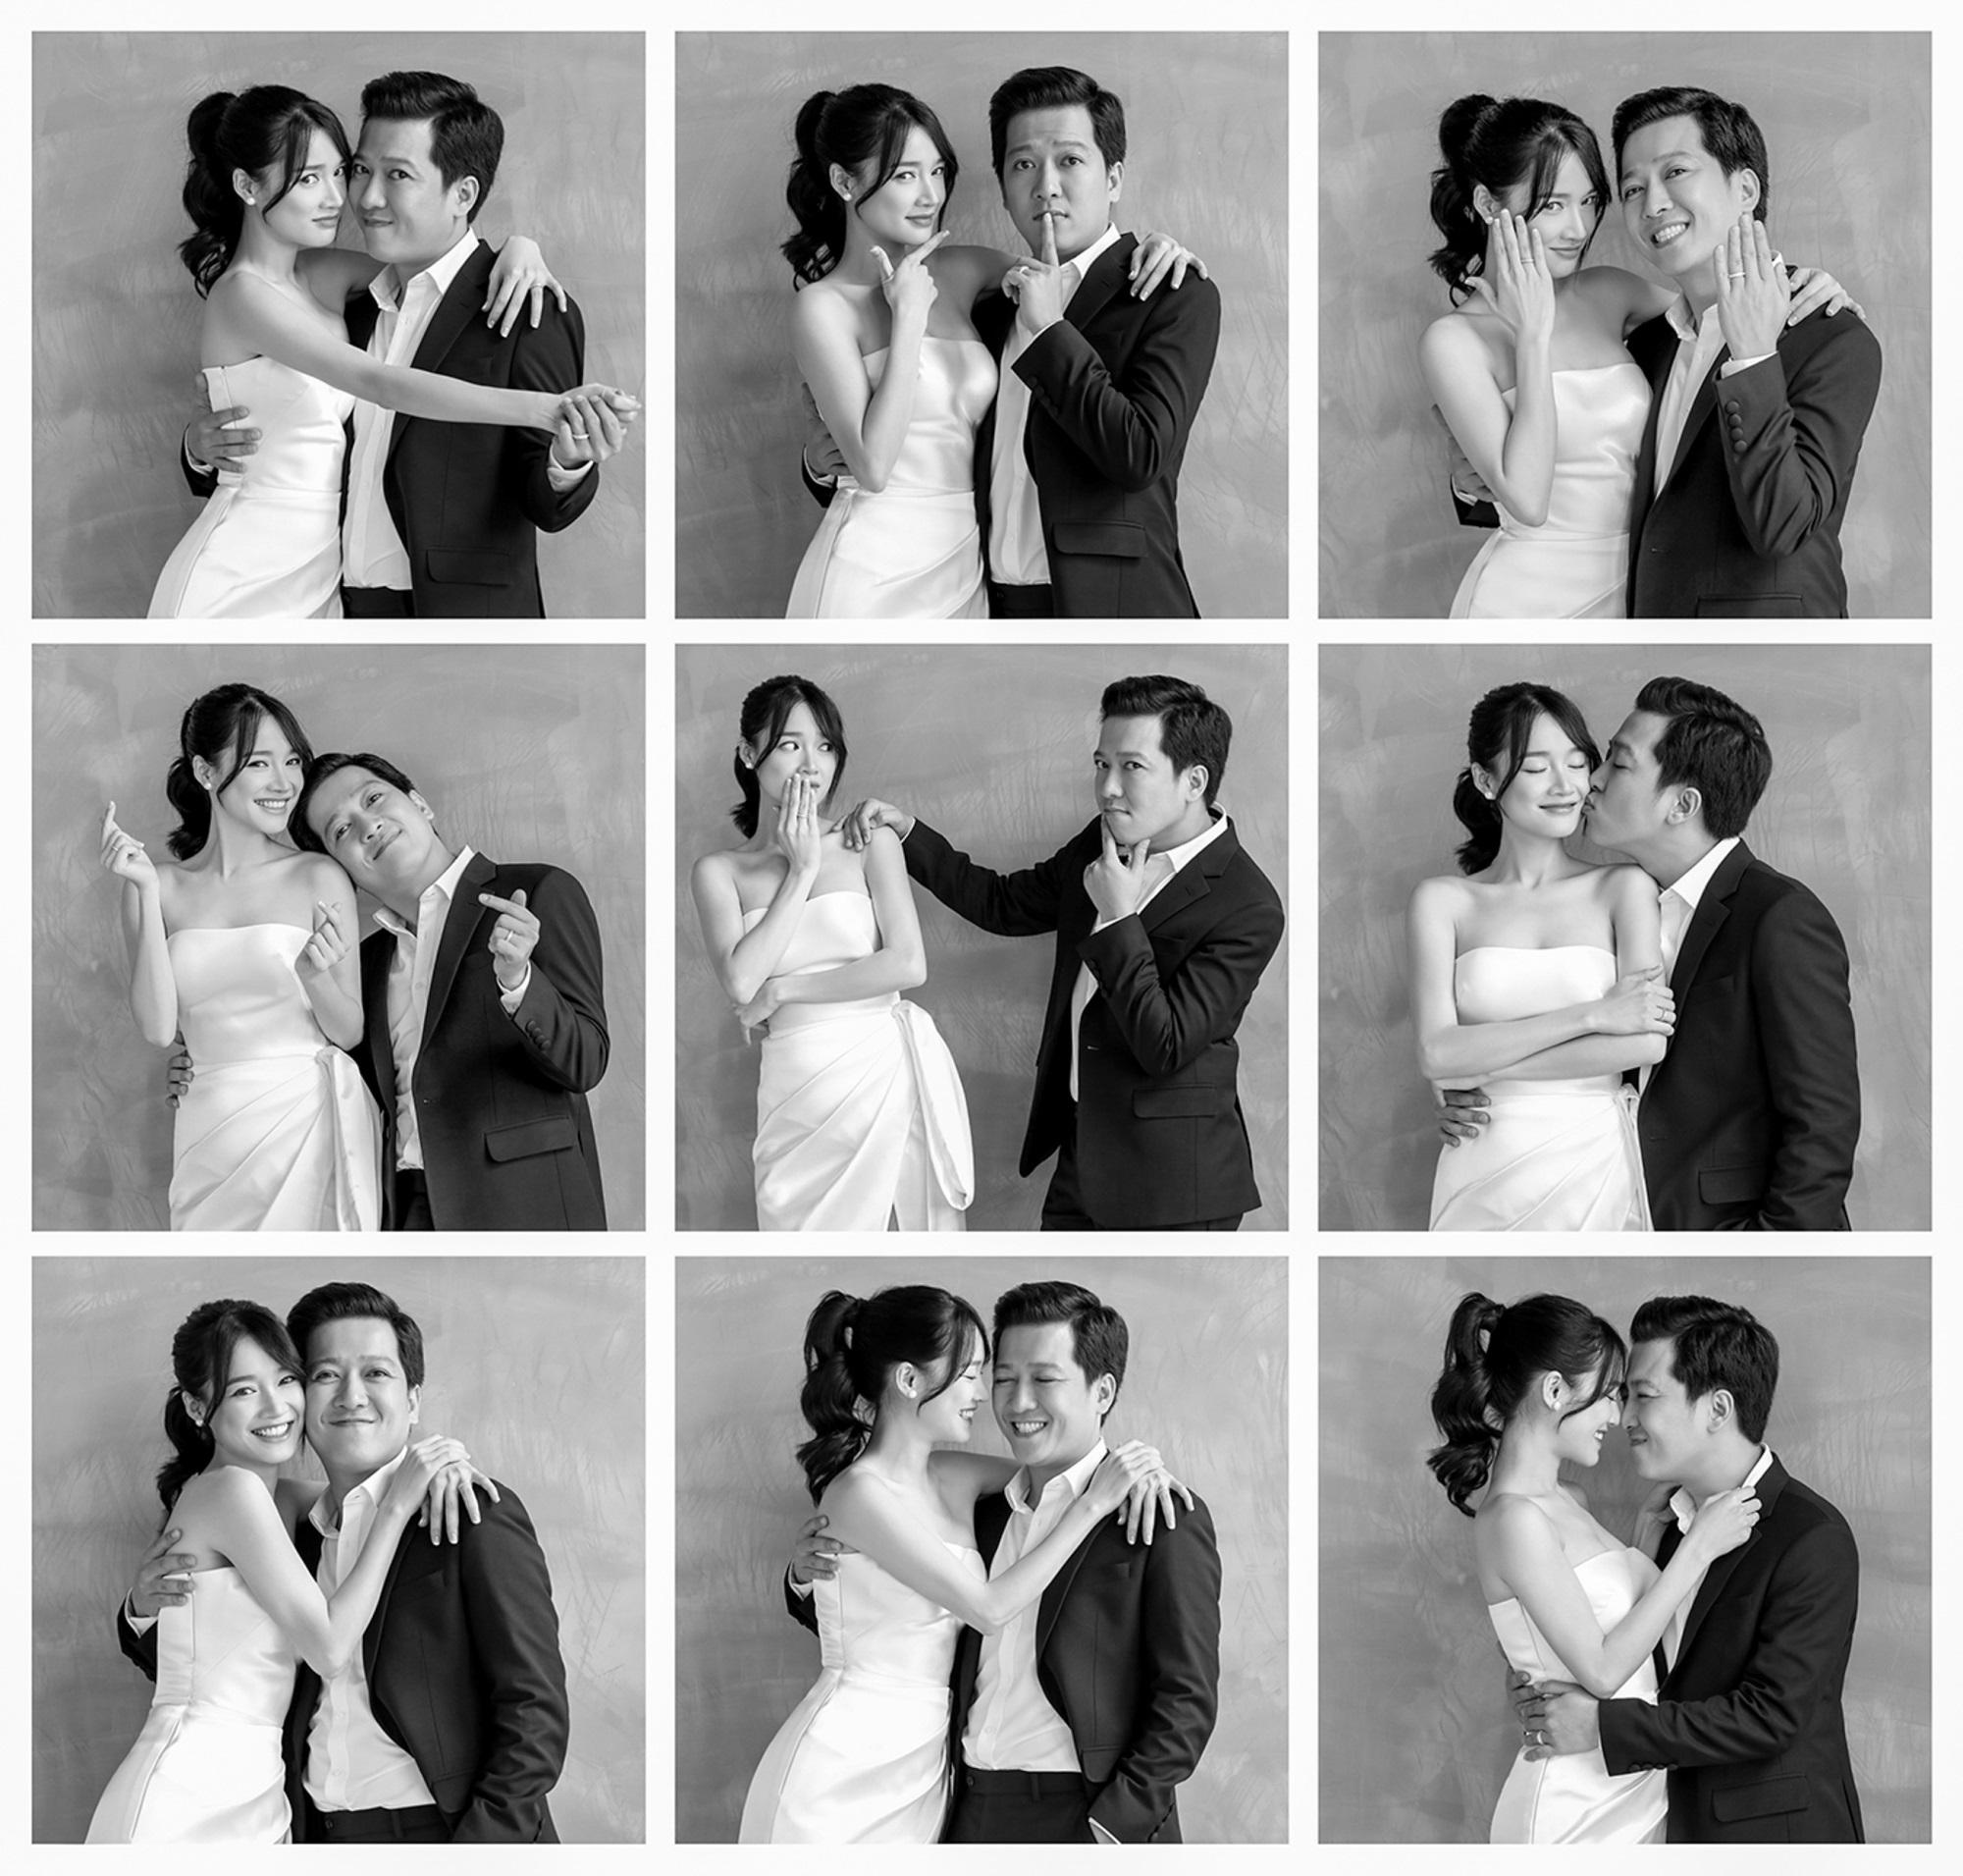 'Rụng tim' khi ngắm trọn bộ ảnh cưới đẹp như tranh vẽ của Trường Giang - Nhã Phương - Ảnh 11